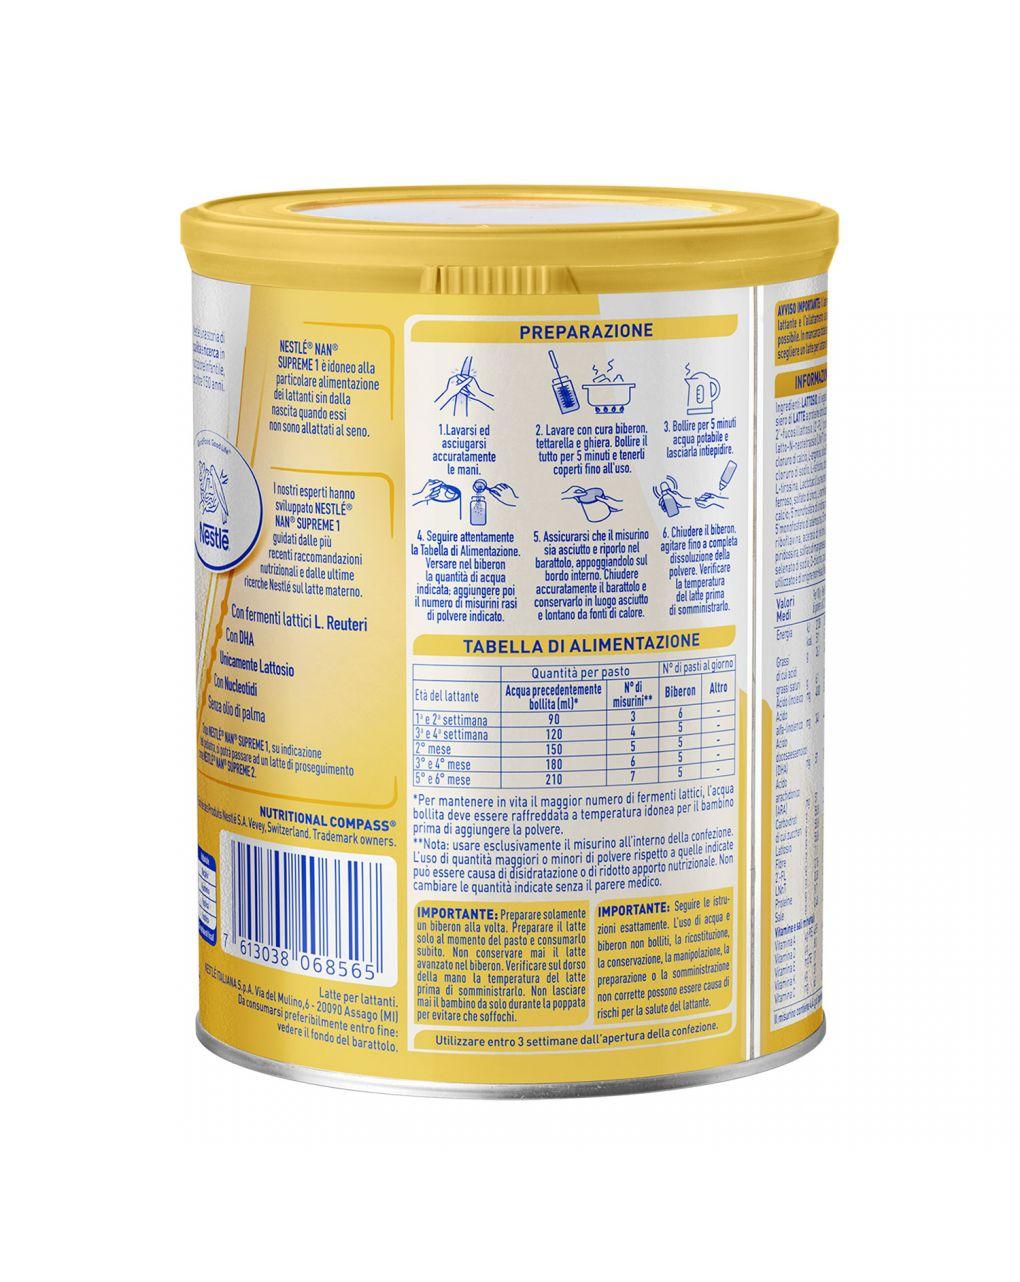 Nestlé nan supreme 1 dalla nascita latte per lattanti in polvere latta 400g - Nestlé